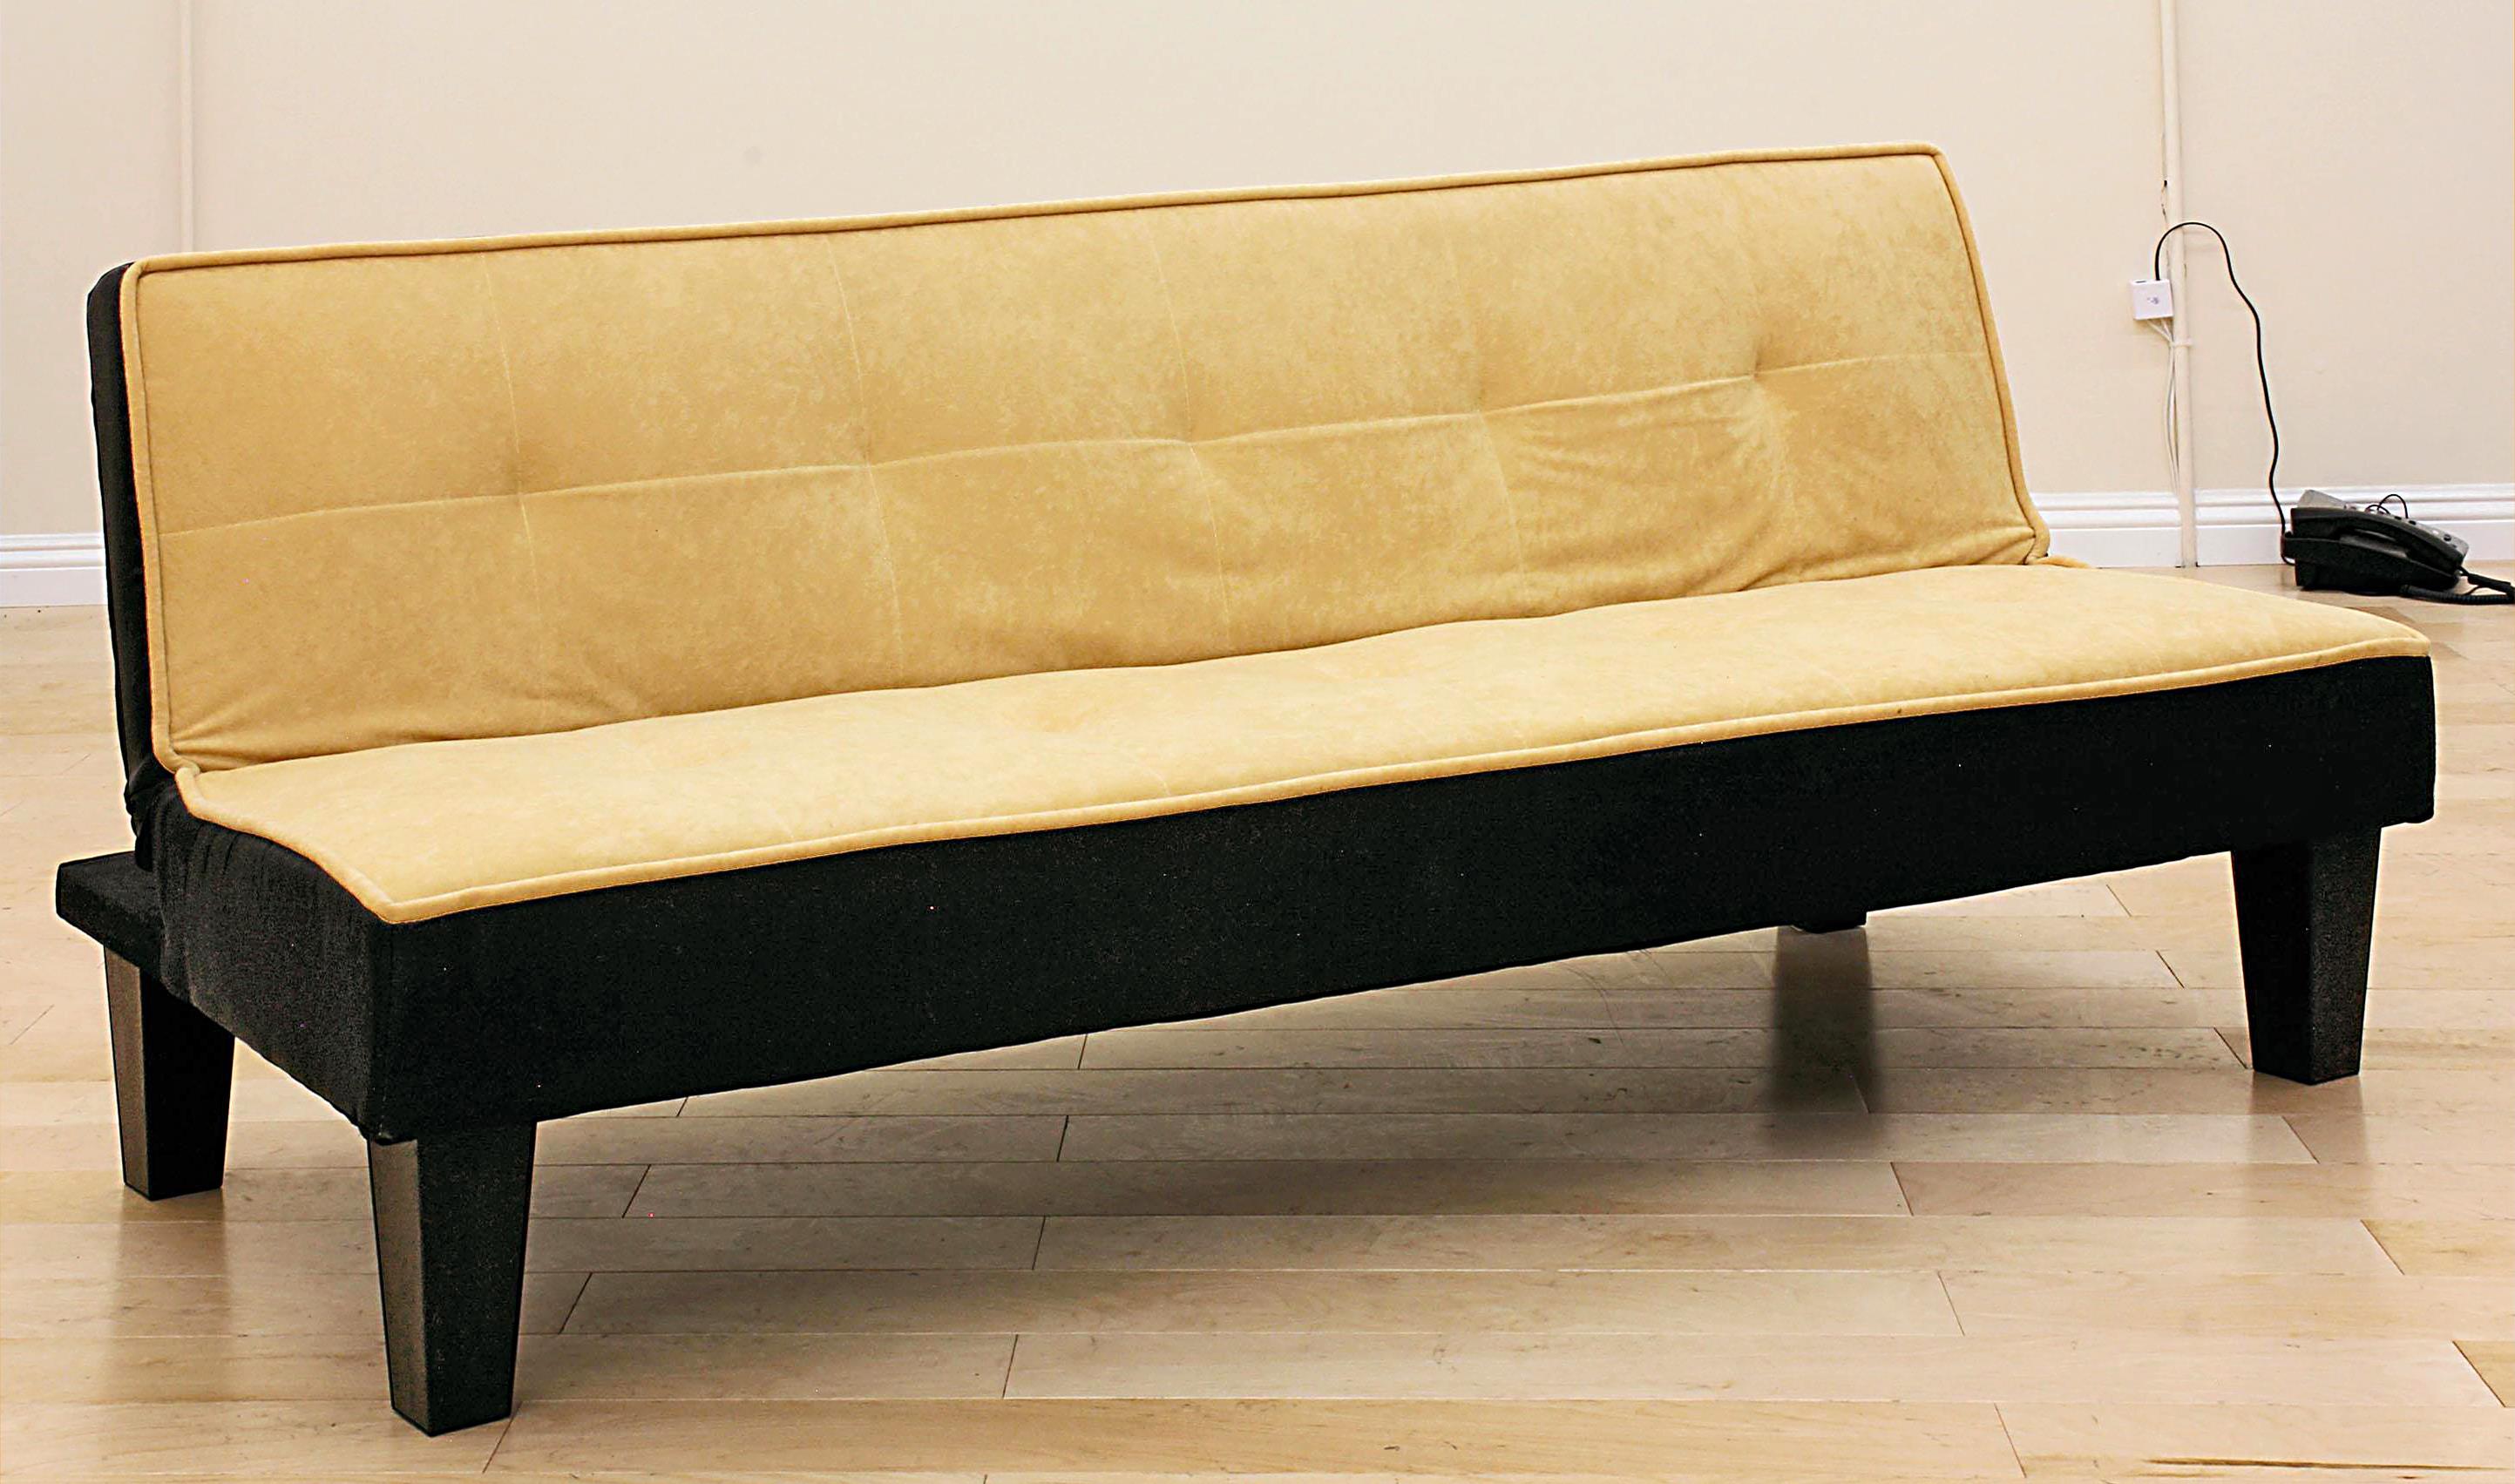 acme furniture sofa bed 57075 yellow sofa bed del sol